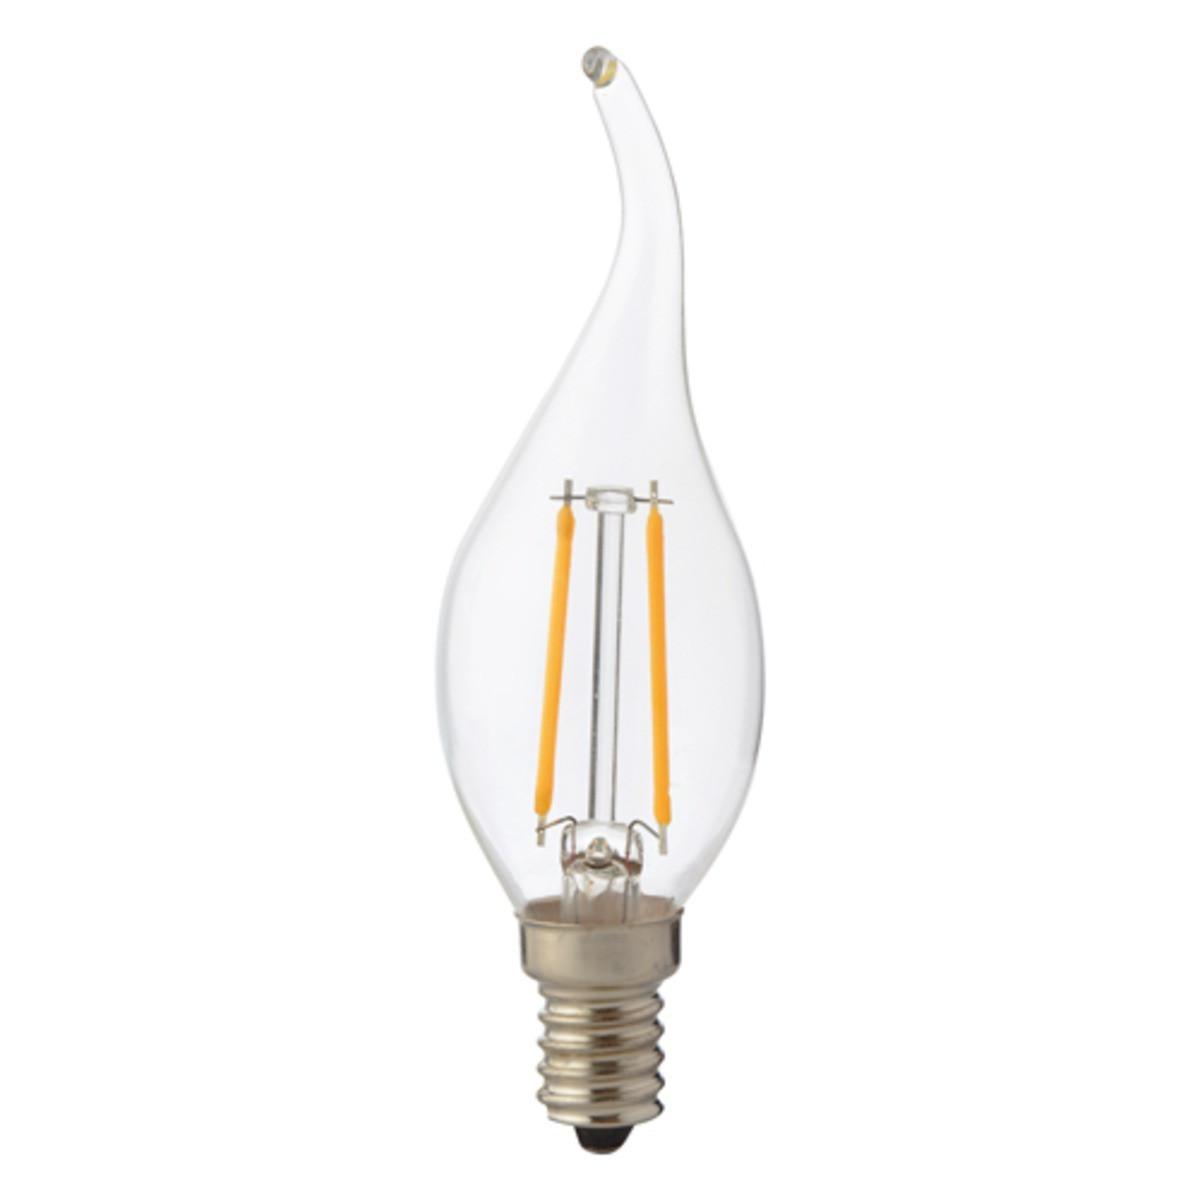 Лампа Horoz Filament FLAME-4свеча на ветру 4W Е14 4200К 001-014-0004-030